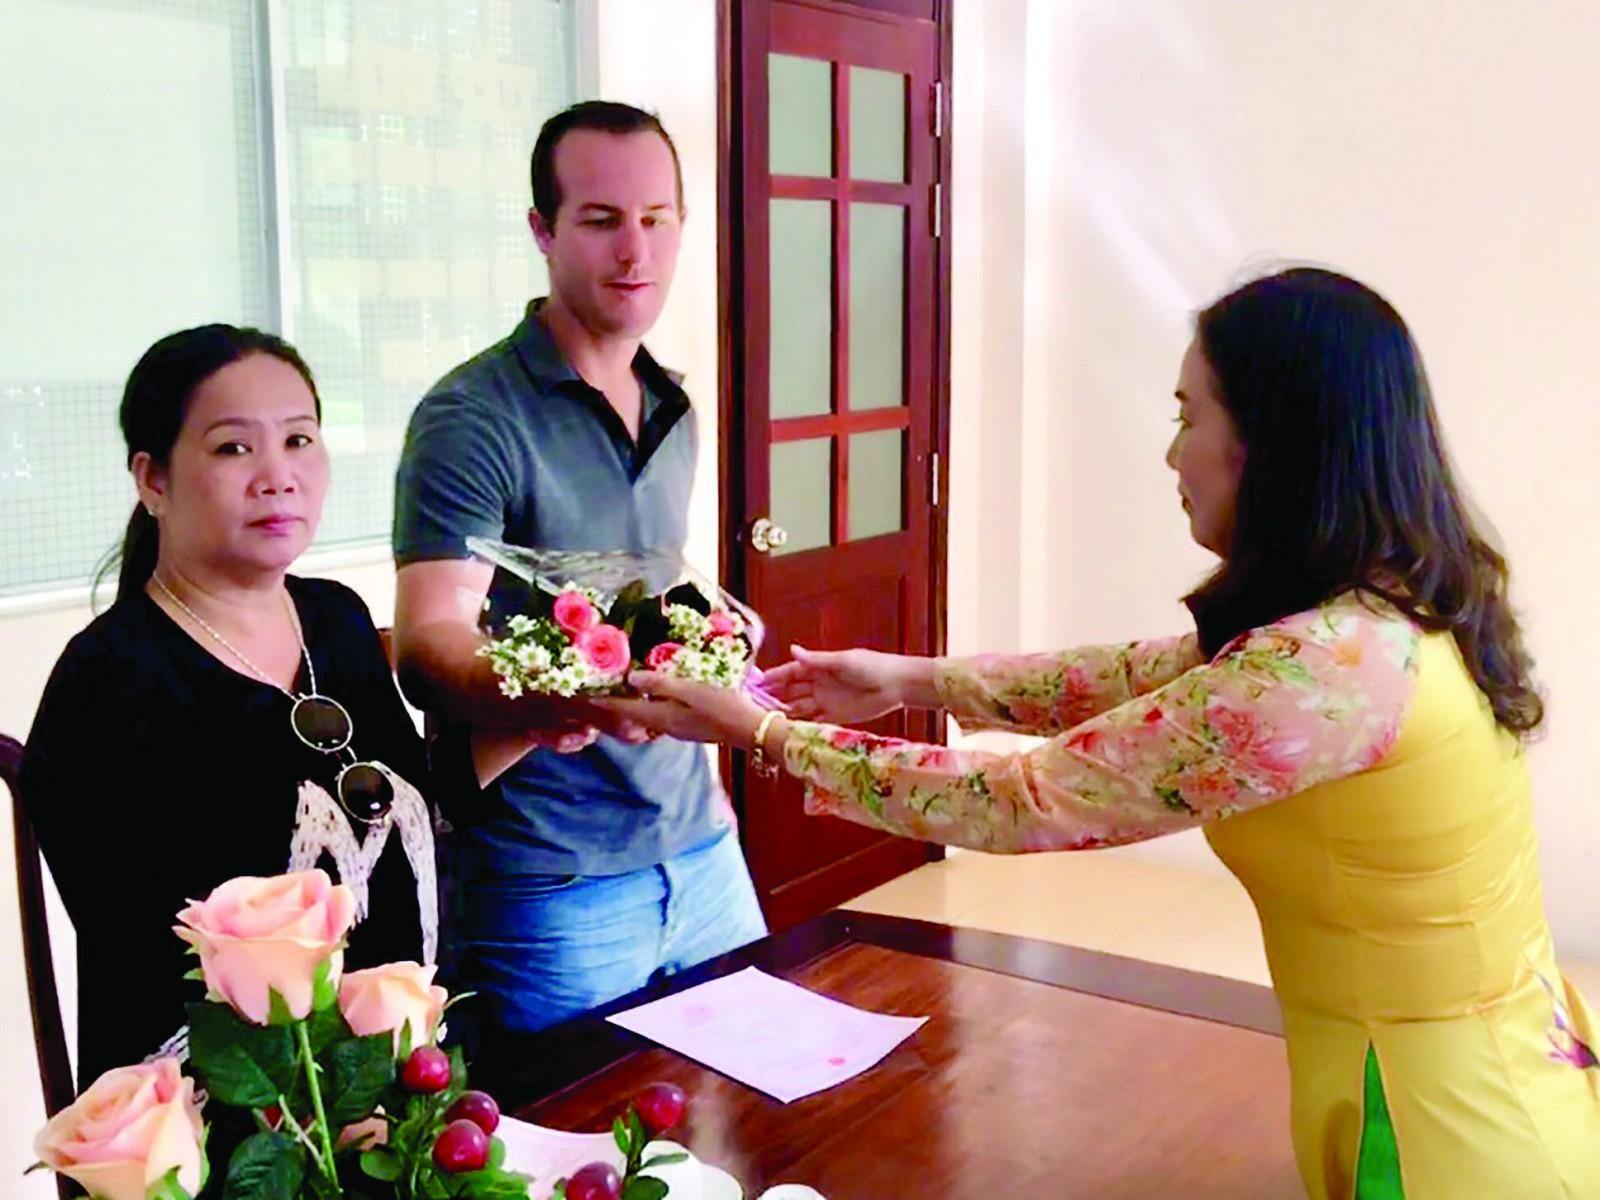 Lãnh đạo Phòng Tư pháp quận Thốt Nốt trao hoa và giấy đăng ký kết hôn cho người dân.